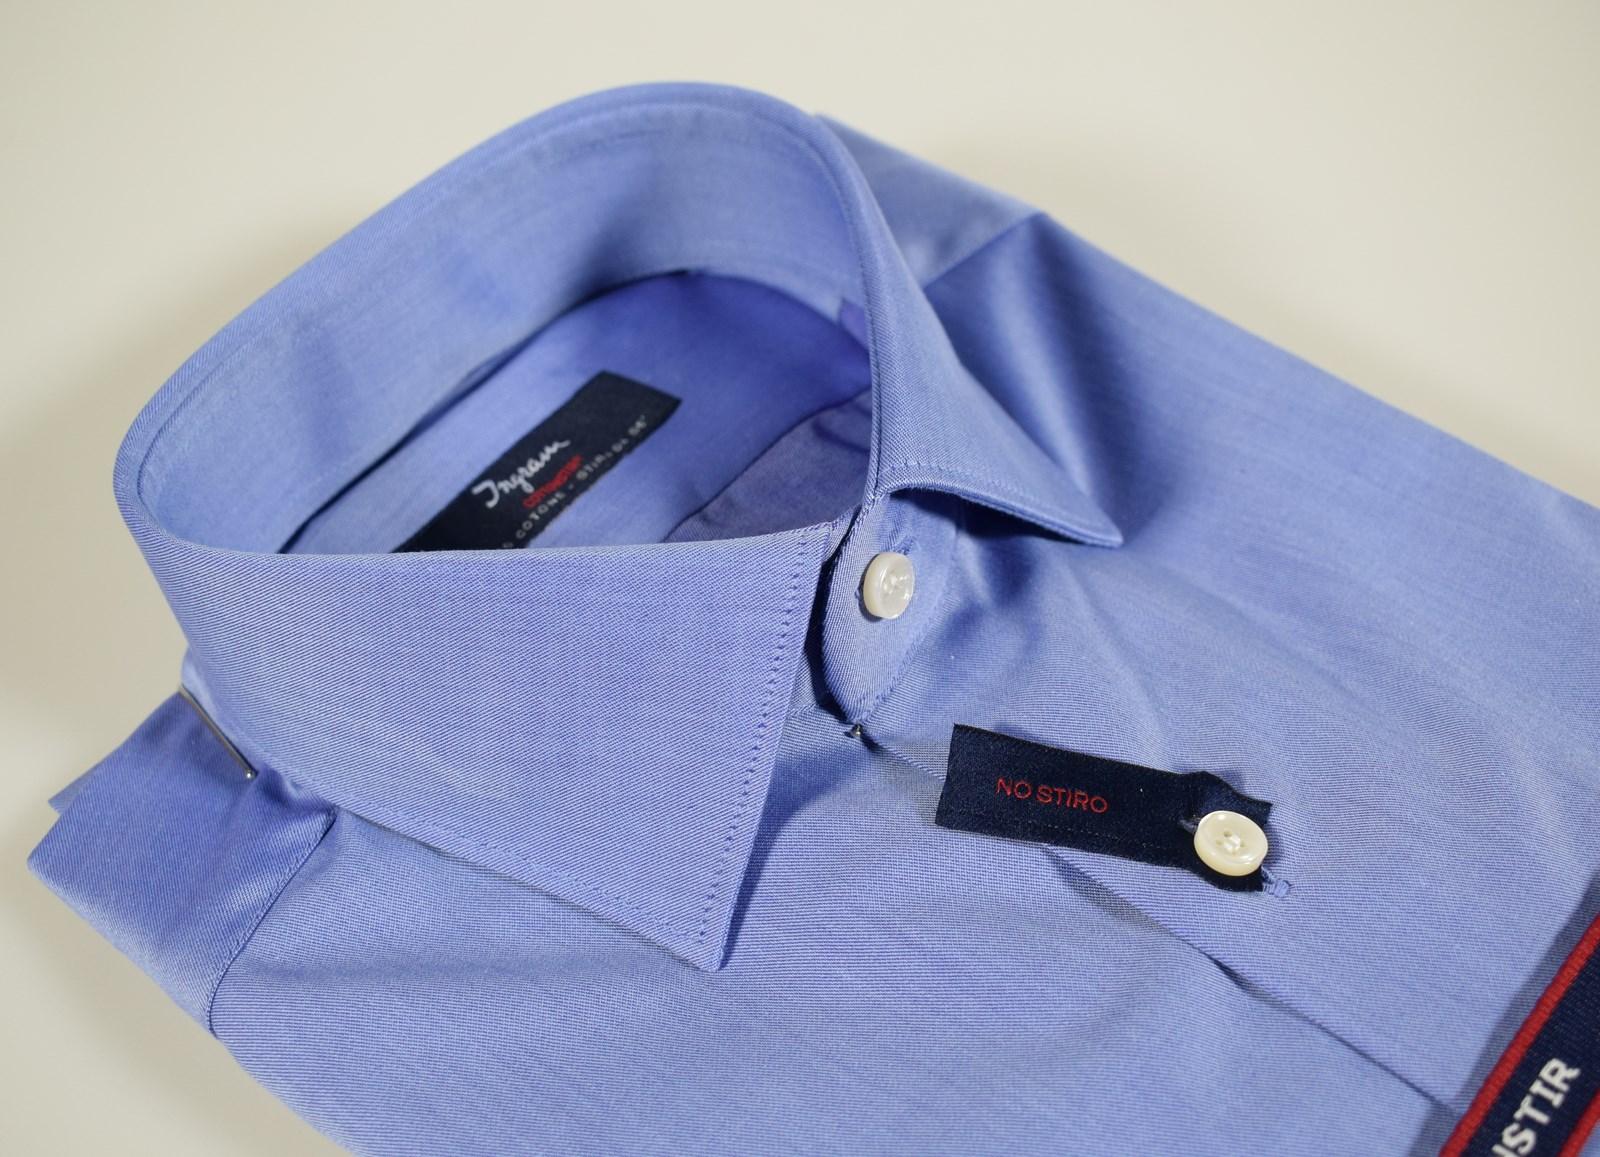 9c3aca1dd0 Dettagli su Camicia uomo Ingram Azzurra Cotone No Stiro Vestibilità Slim  Fit Taglia 37 S